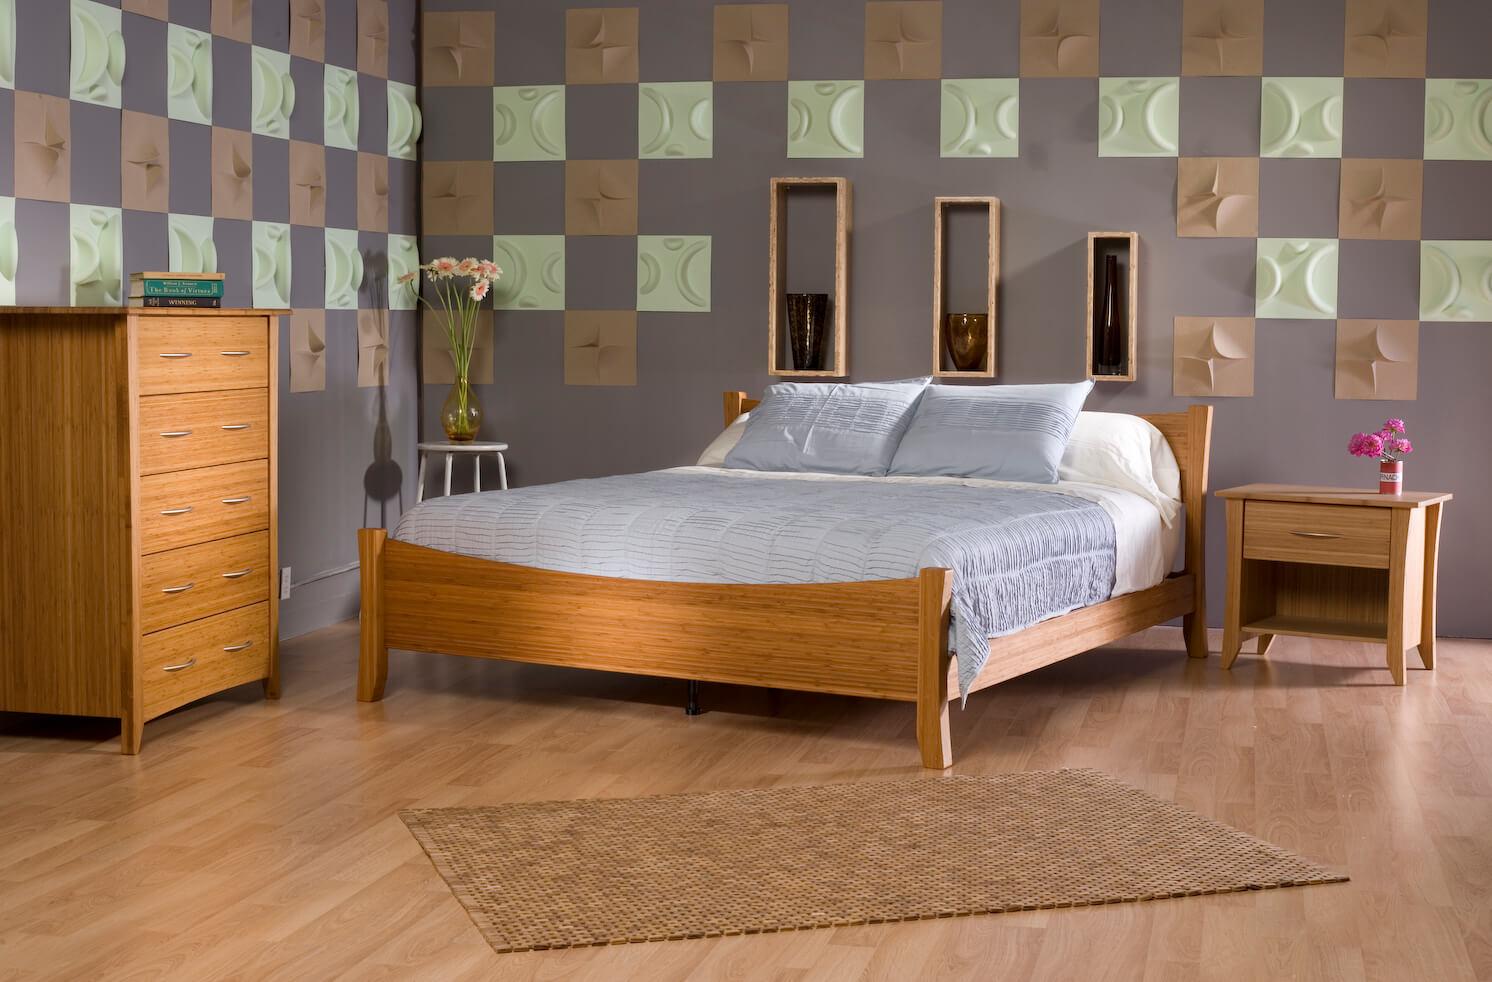 5- Móveis de Bambu: Quarto decorado